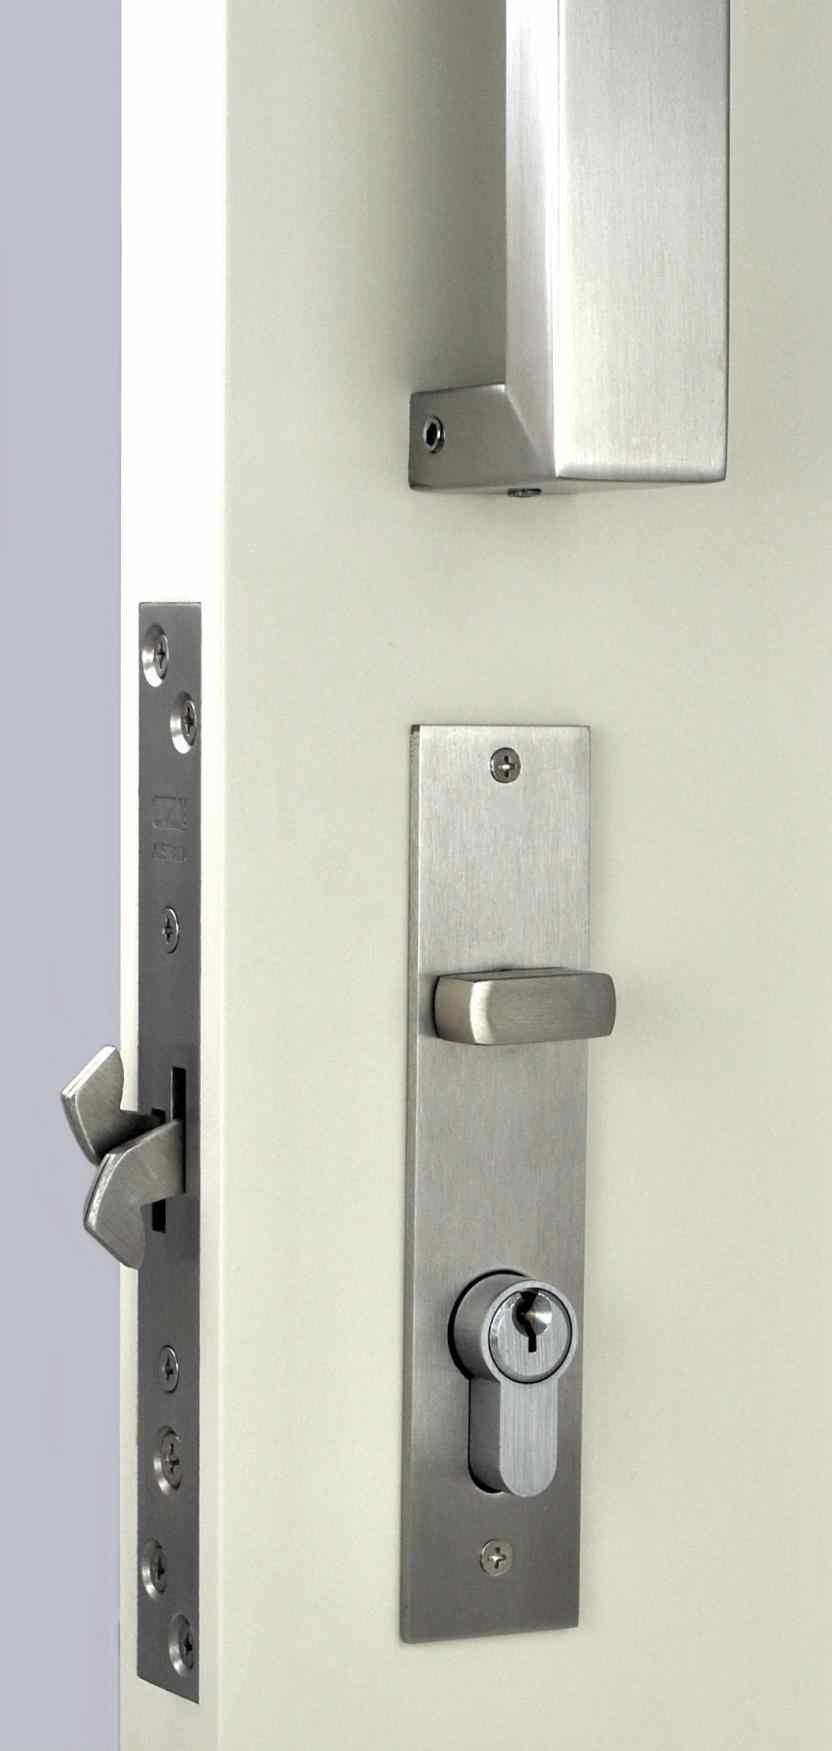 Explained Door Inside Door Locks Locks Handles Explained Samsung Fingerprint Digital H Andersen Patio Doors Sliding Glass Door Replacement Sliding Door Handles